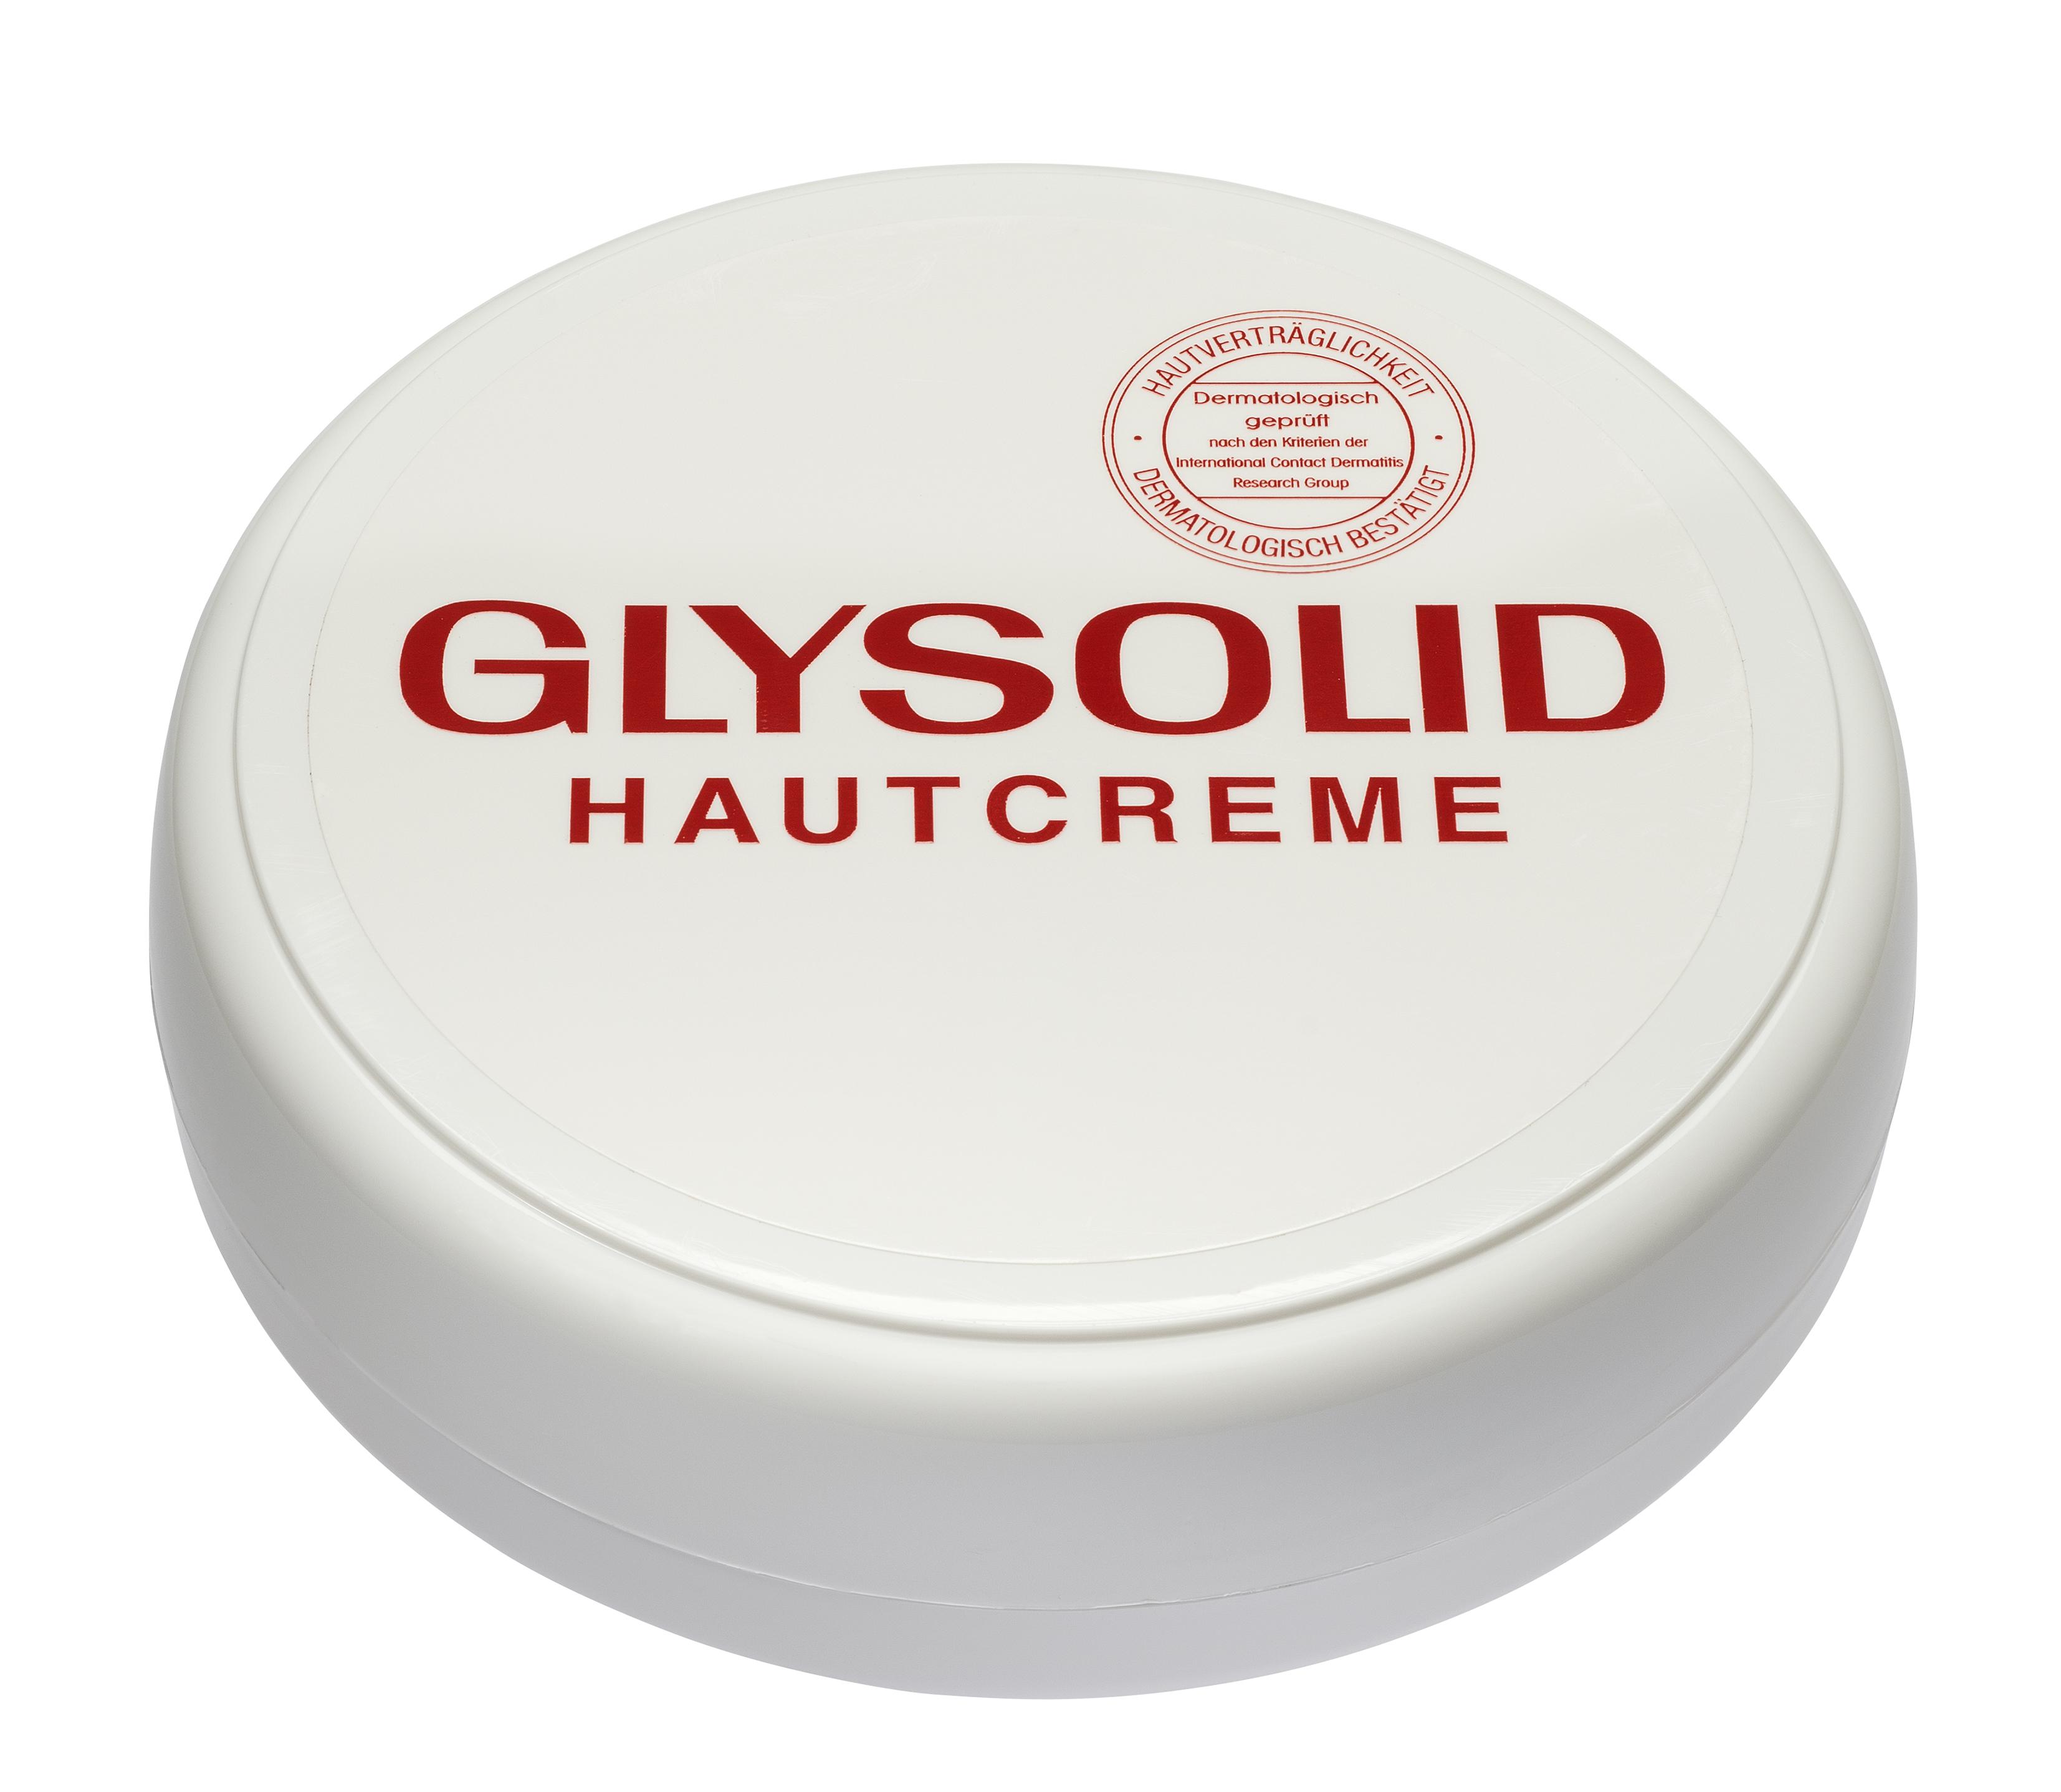 Glysolid Крем для сухой кожи рук с глицерином 100 мл50400050Легкий увлажняющий крем для кожи на основе глицерина и аллантоина Glysolid - проверенное европейское средство для интенсивного ухода за нормальной и сухой кожей. Glysolid увлажняет, питает, защищает, поддерживает регенерацию и естественную влажность кожи. Легкий состав крема отлично распределяется по коже и быстро впитывается, не оставляя жирной и липкой пленки. Без консервантов, красителей, парабенов, дерматологически протестирован.